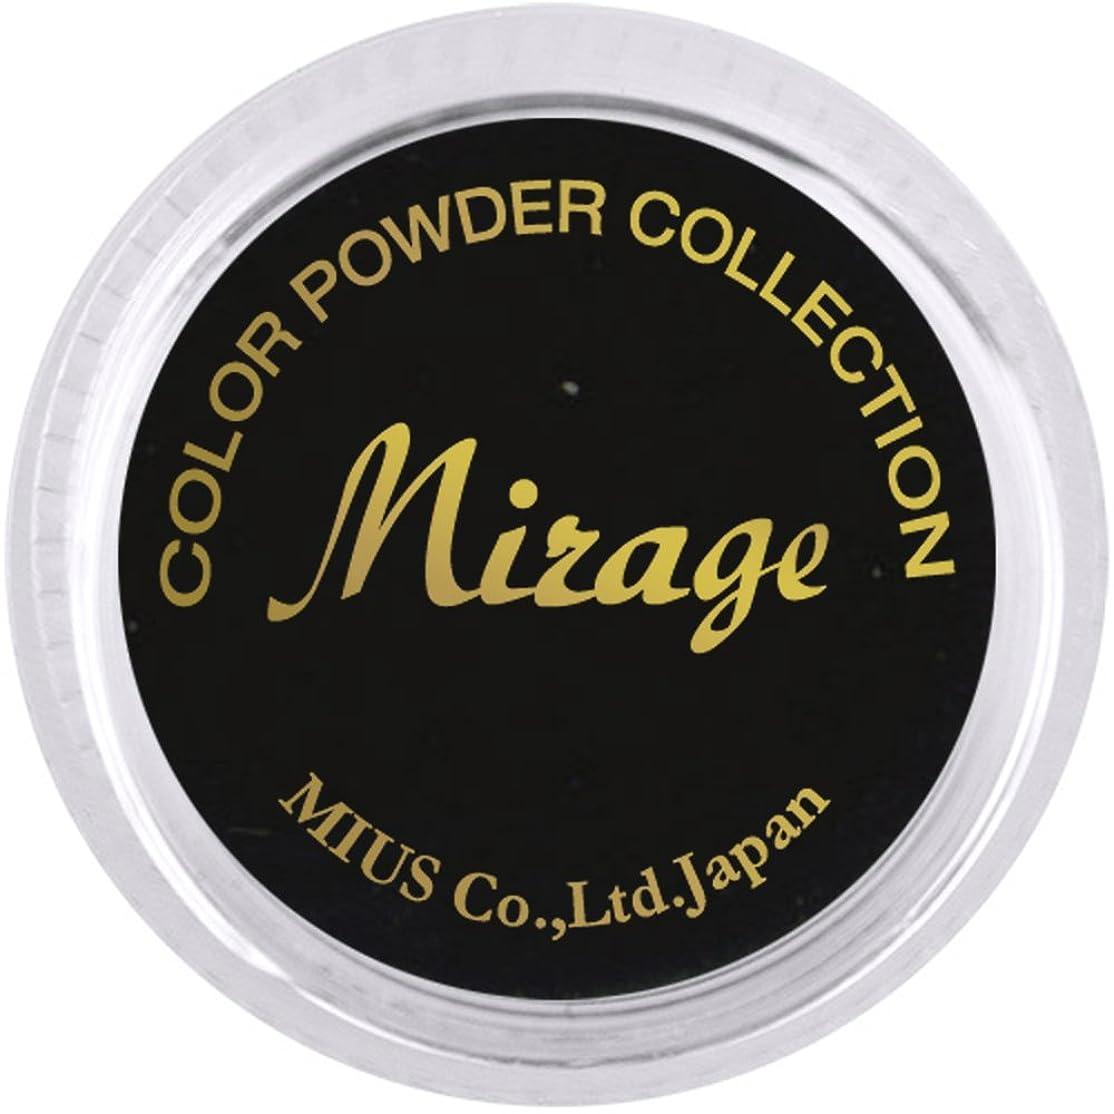 ウッズ虹理想的ミラージュ カラーパウダー N/CPS-10  7g  アクリルパウダー 色鮮やかな蛍光スタンダードカラー